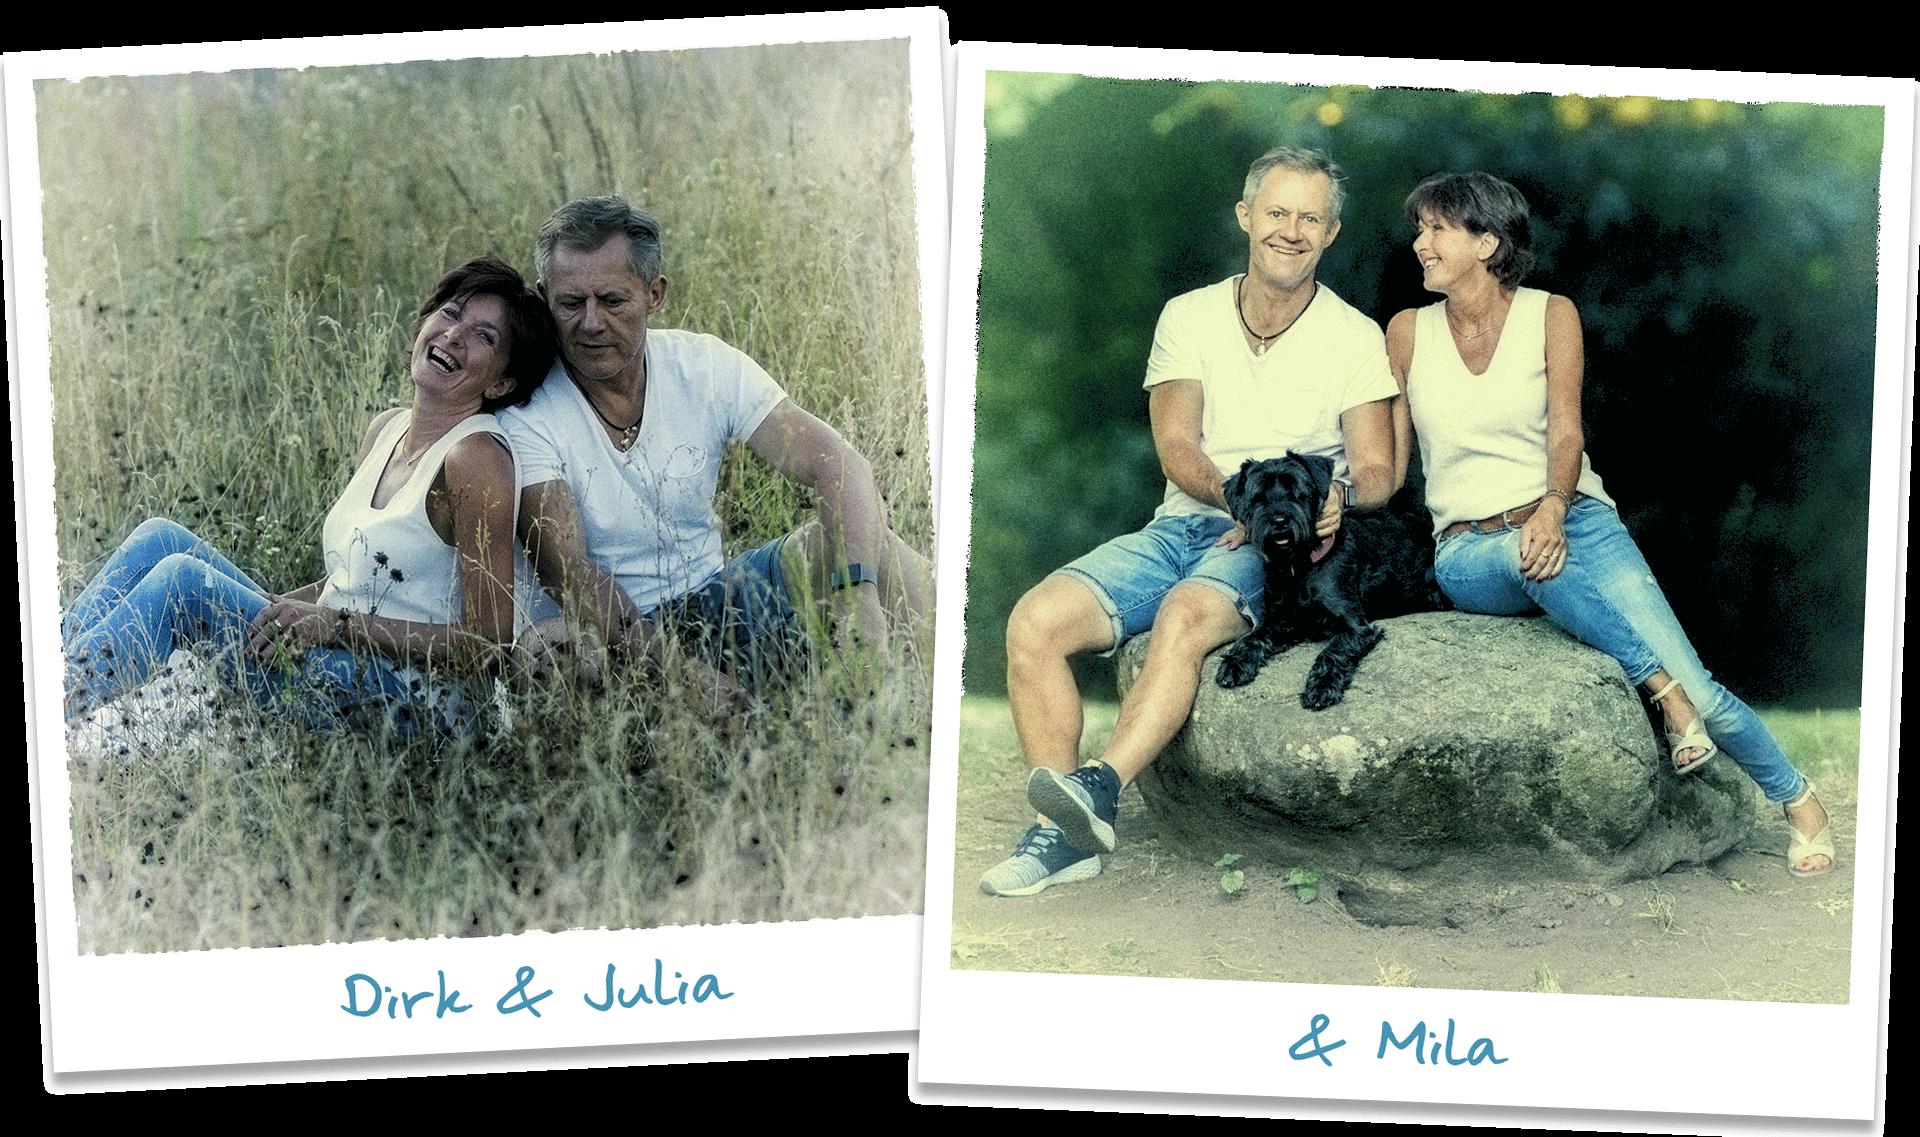 Hochzeitsfotograf Saarlouis Saarland, Bilder-und-Perspektiven, Dirk-und-Julia-Theis